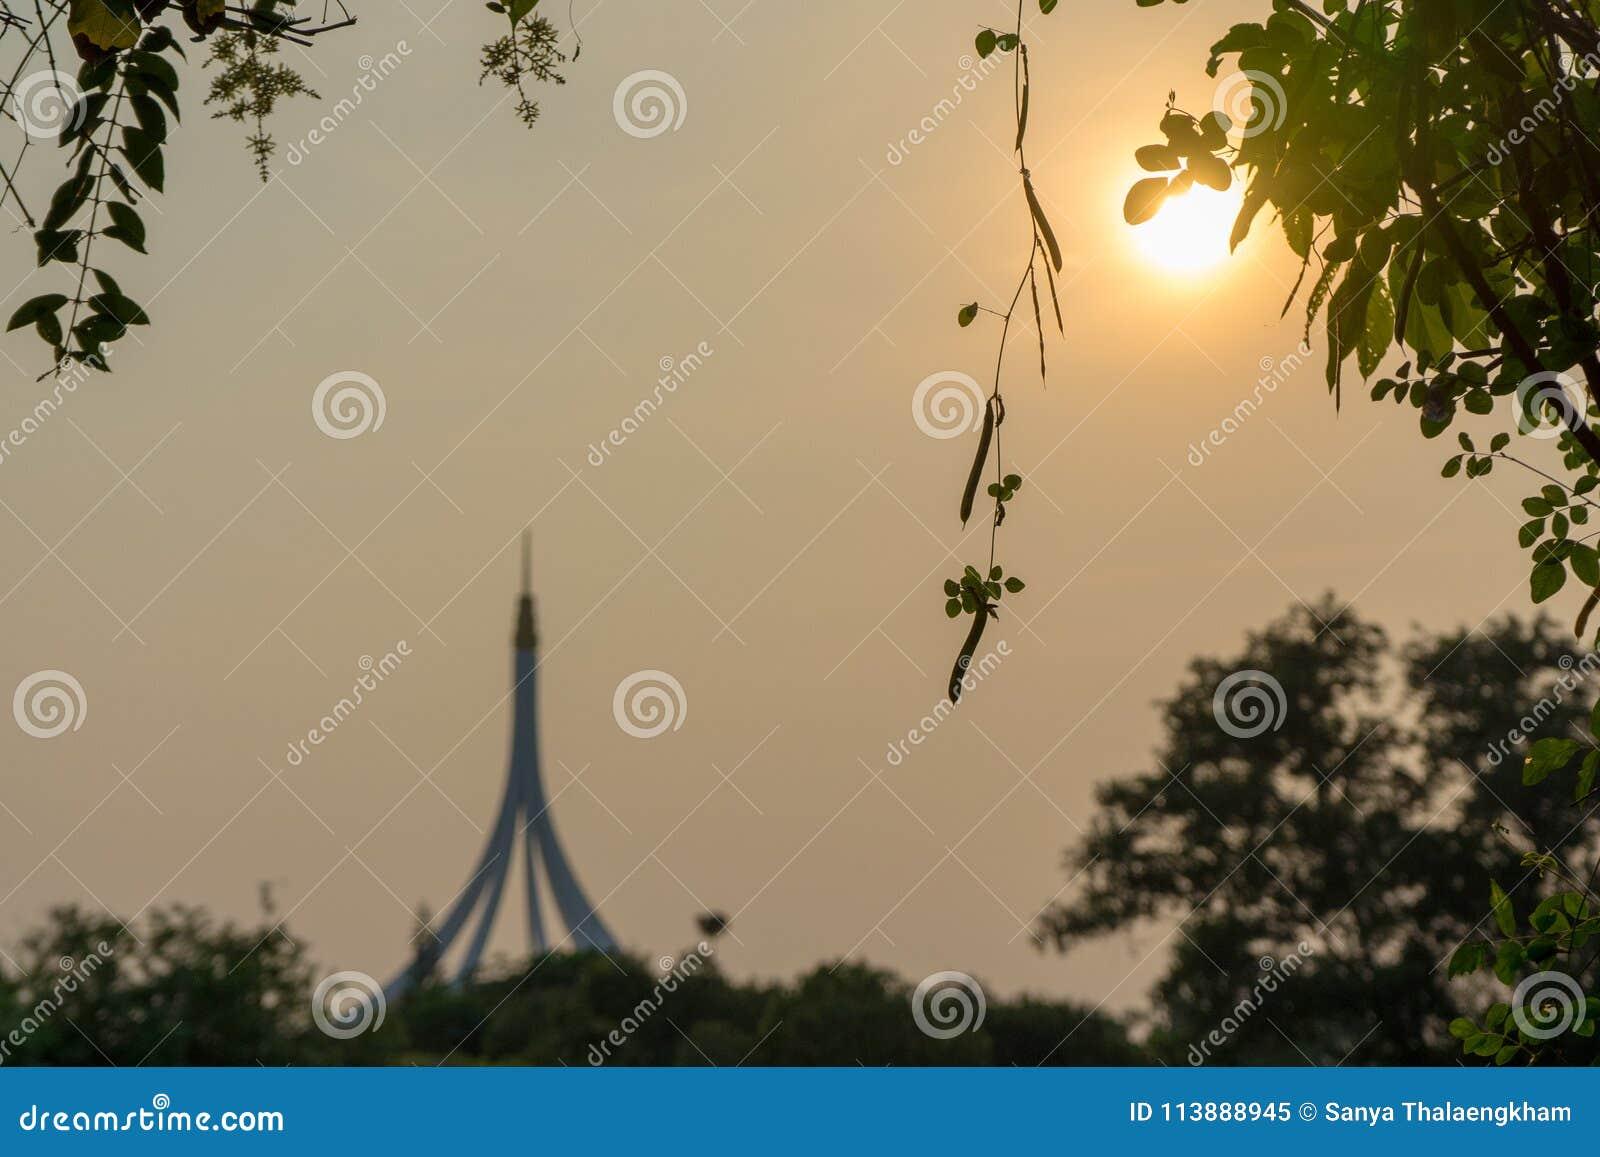 La puesta del sol se está encendiendo hoy